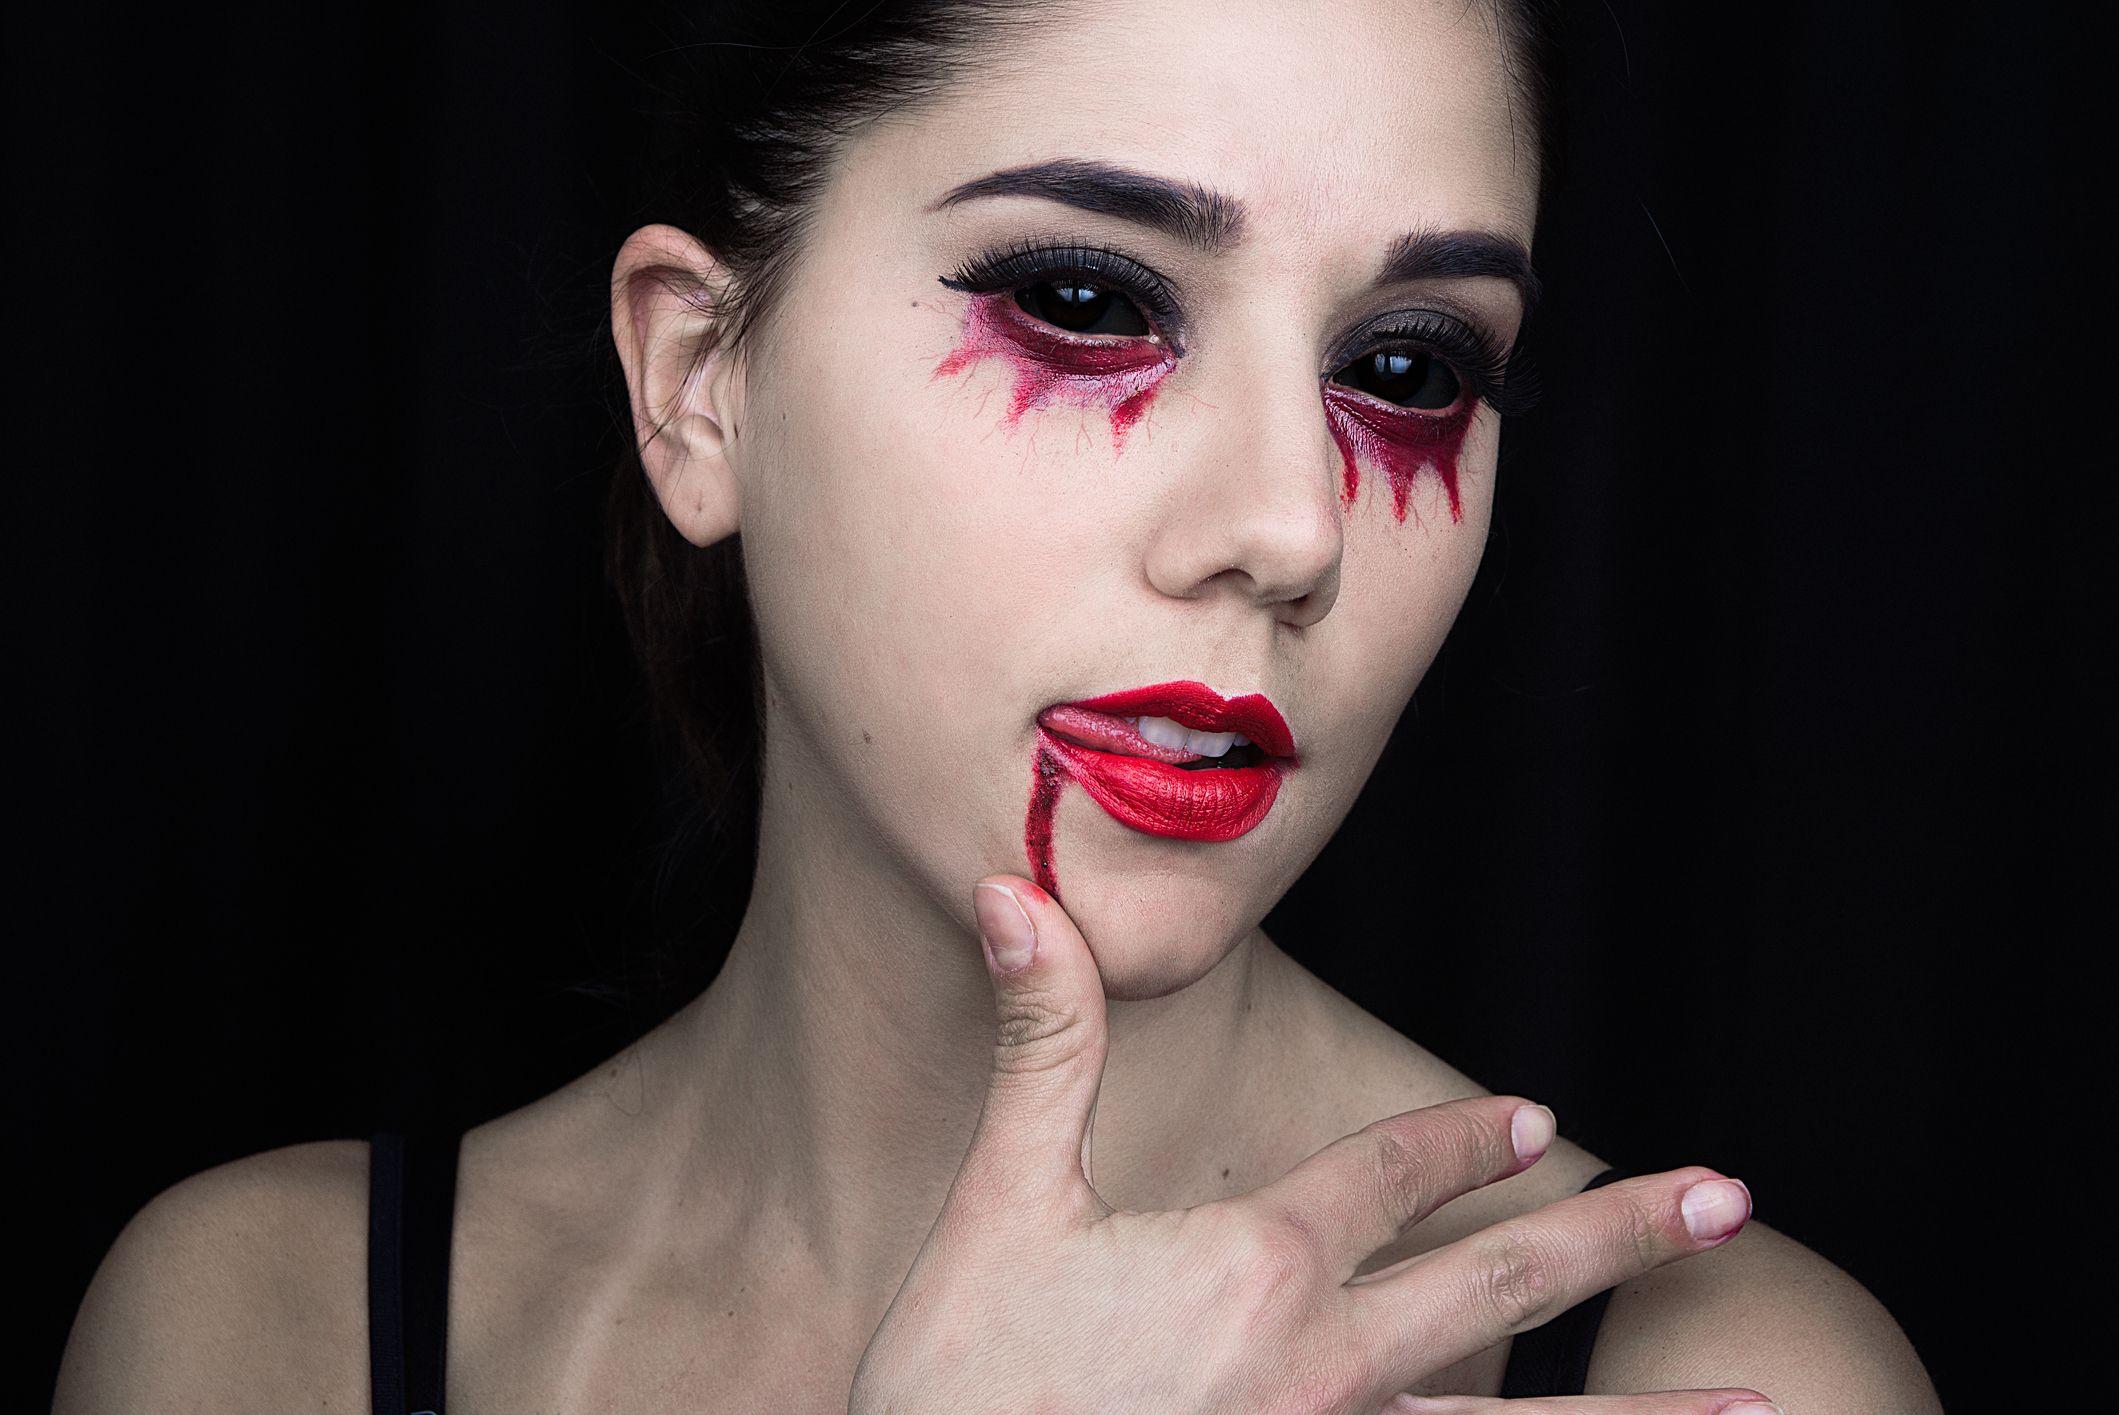 15 Best Vampire Makeup Tutorials for Halloween 2019 , How to